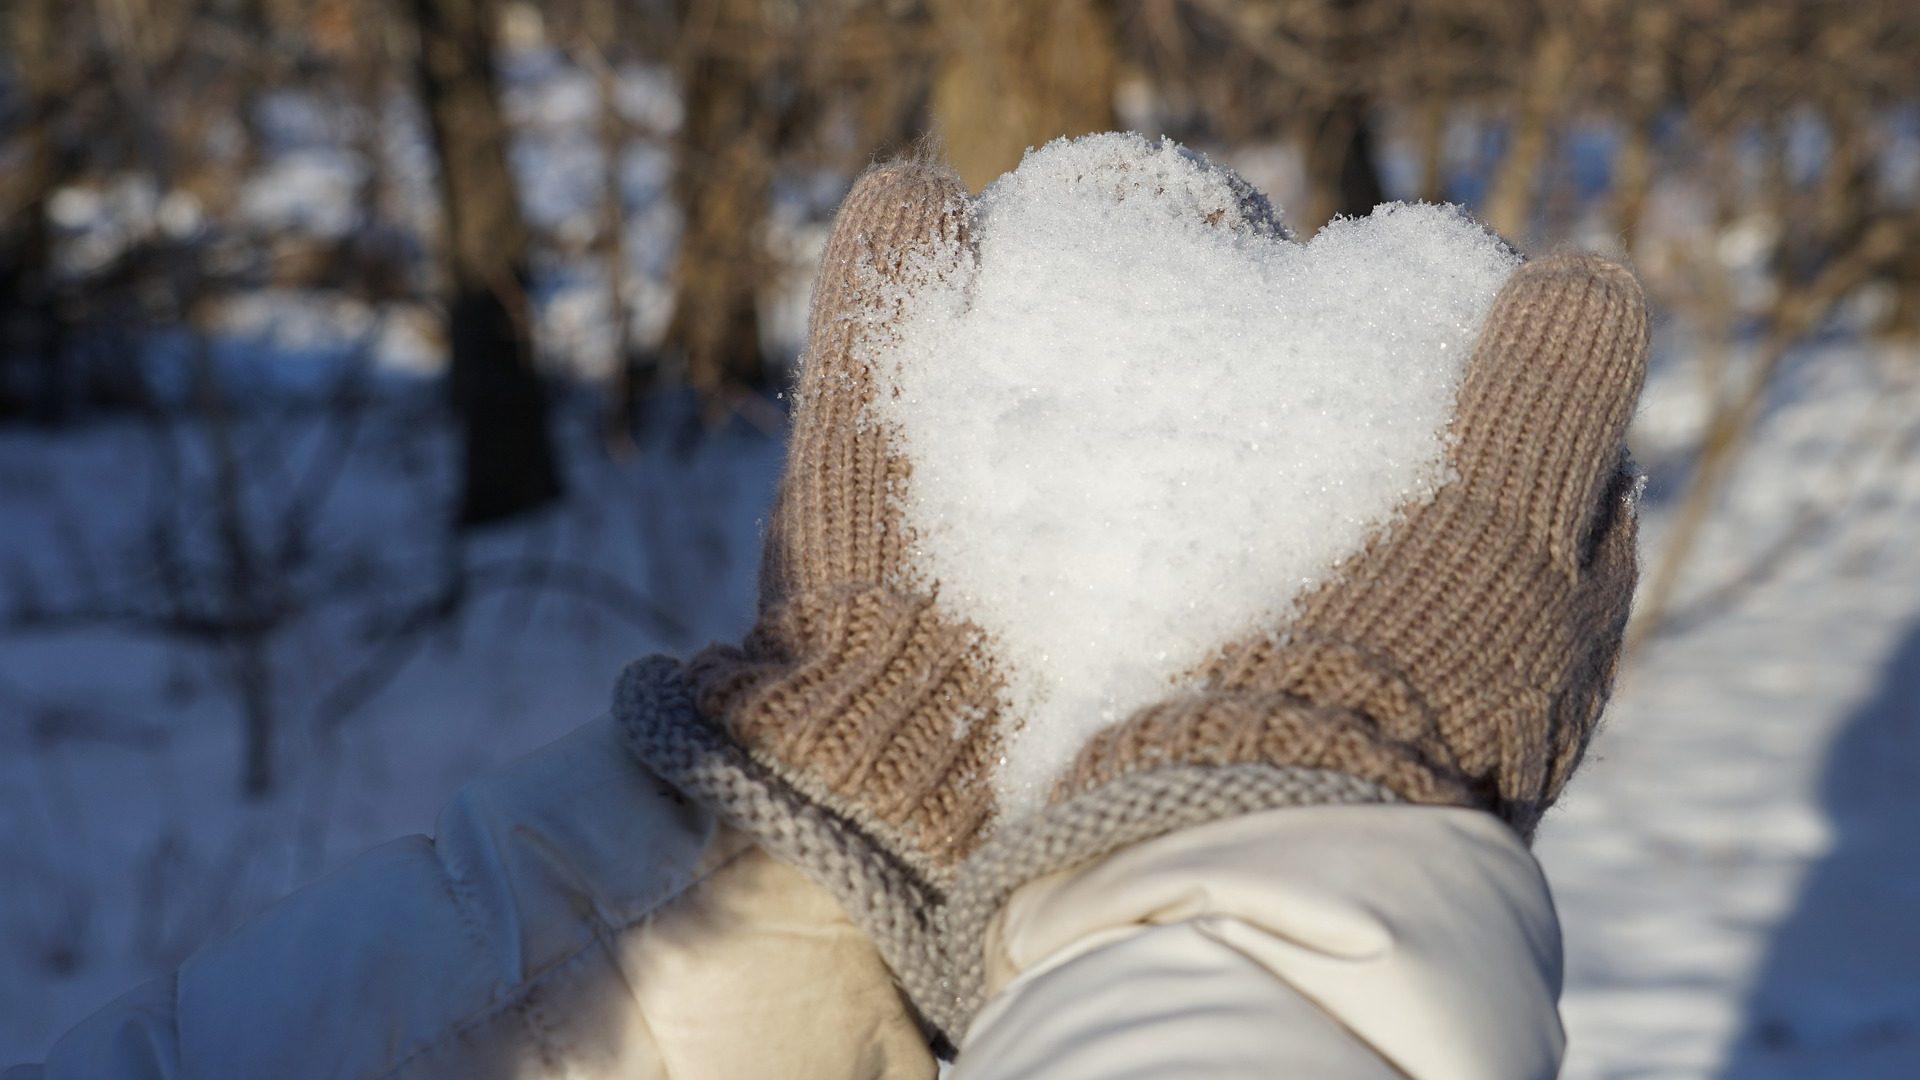 dłonie w zimowych rękawiczkach układają serce ze śniegu